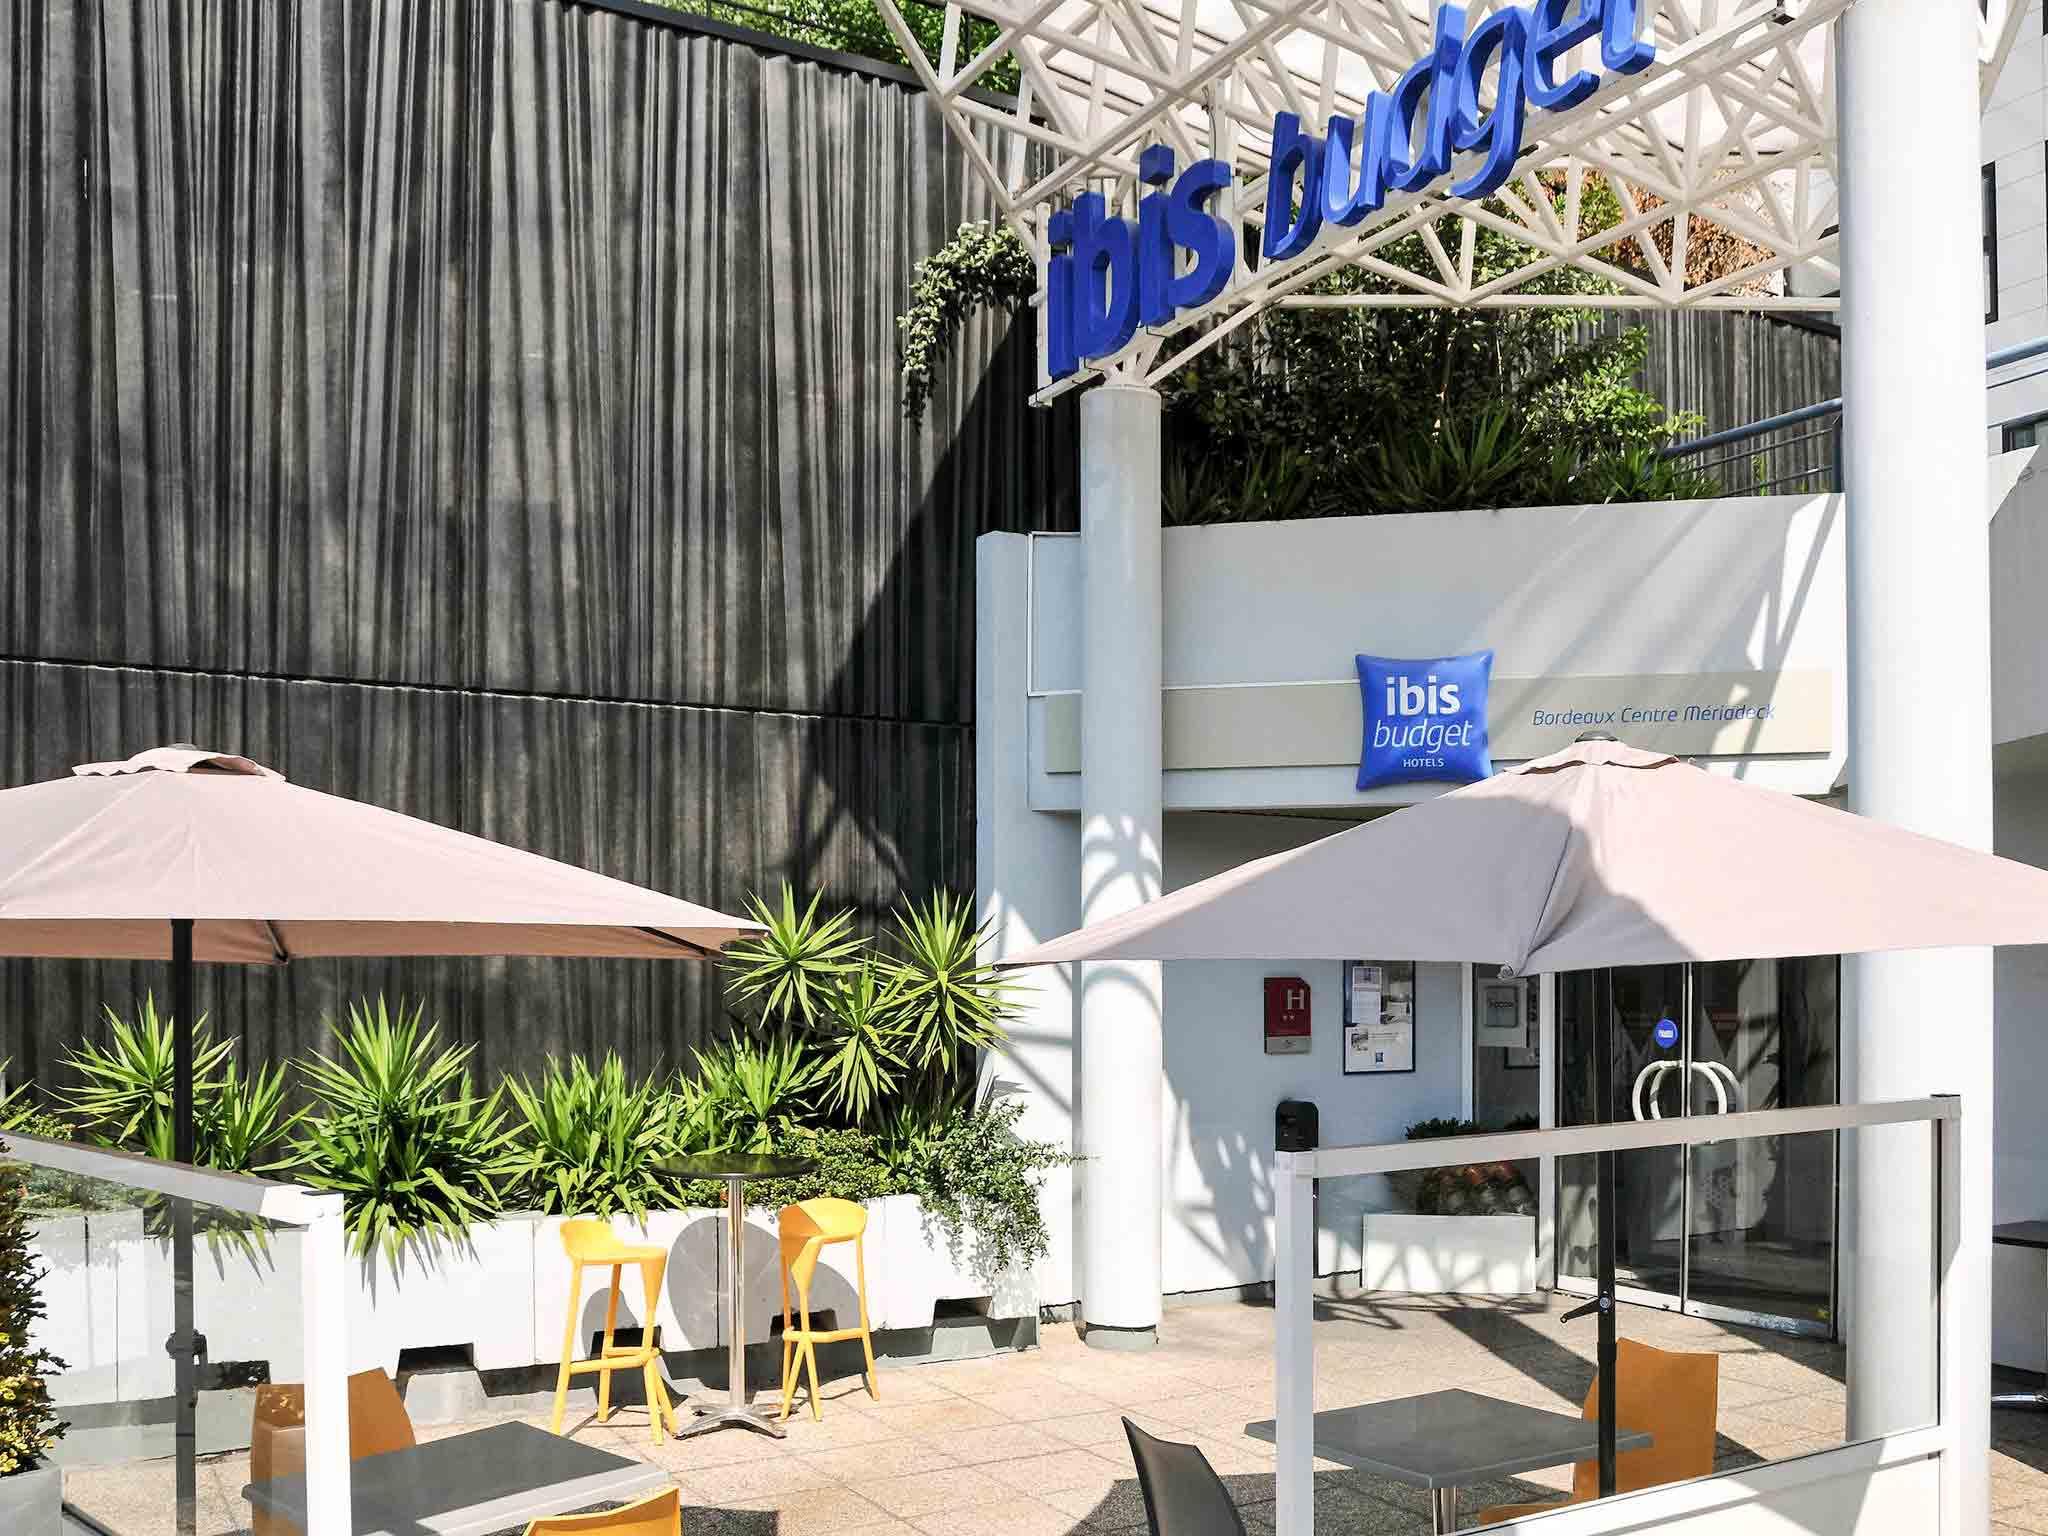 Hotel – ibis budget Bordeaux Centre Mériadeck